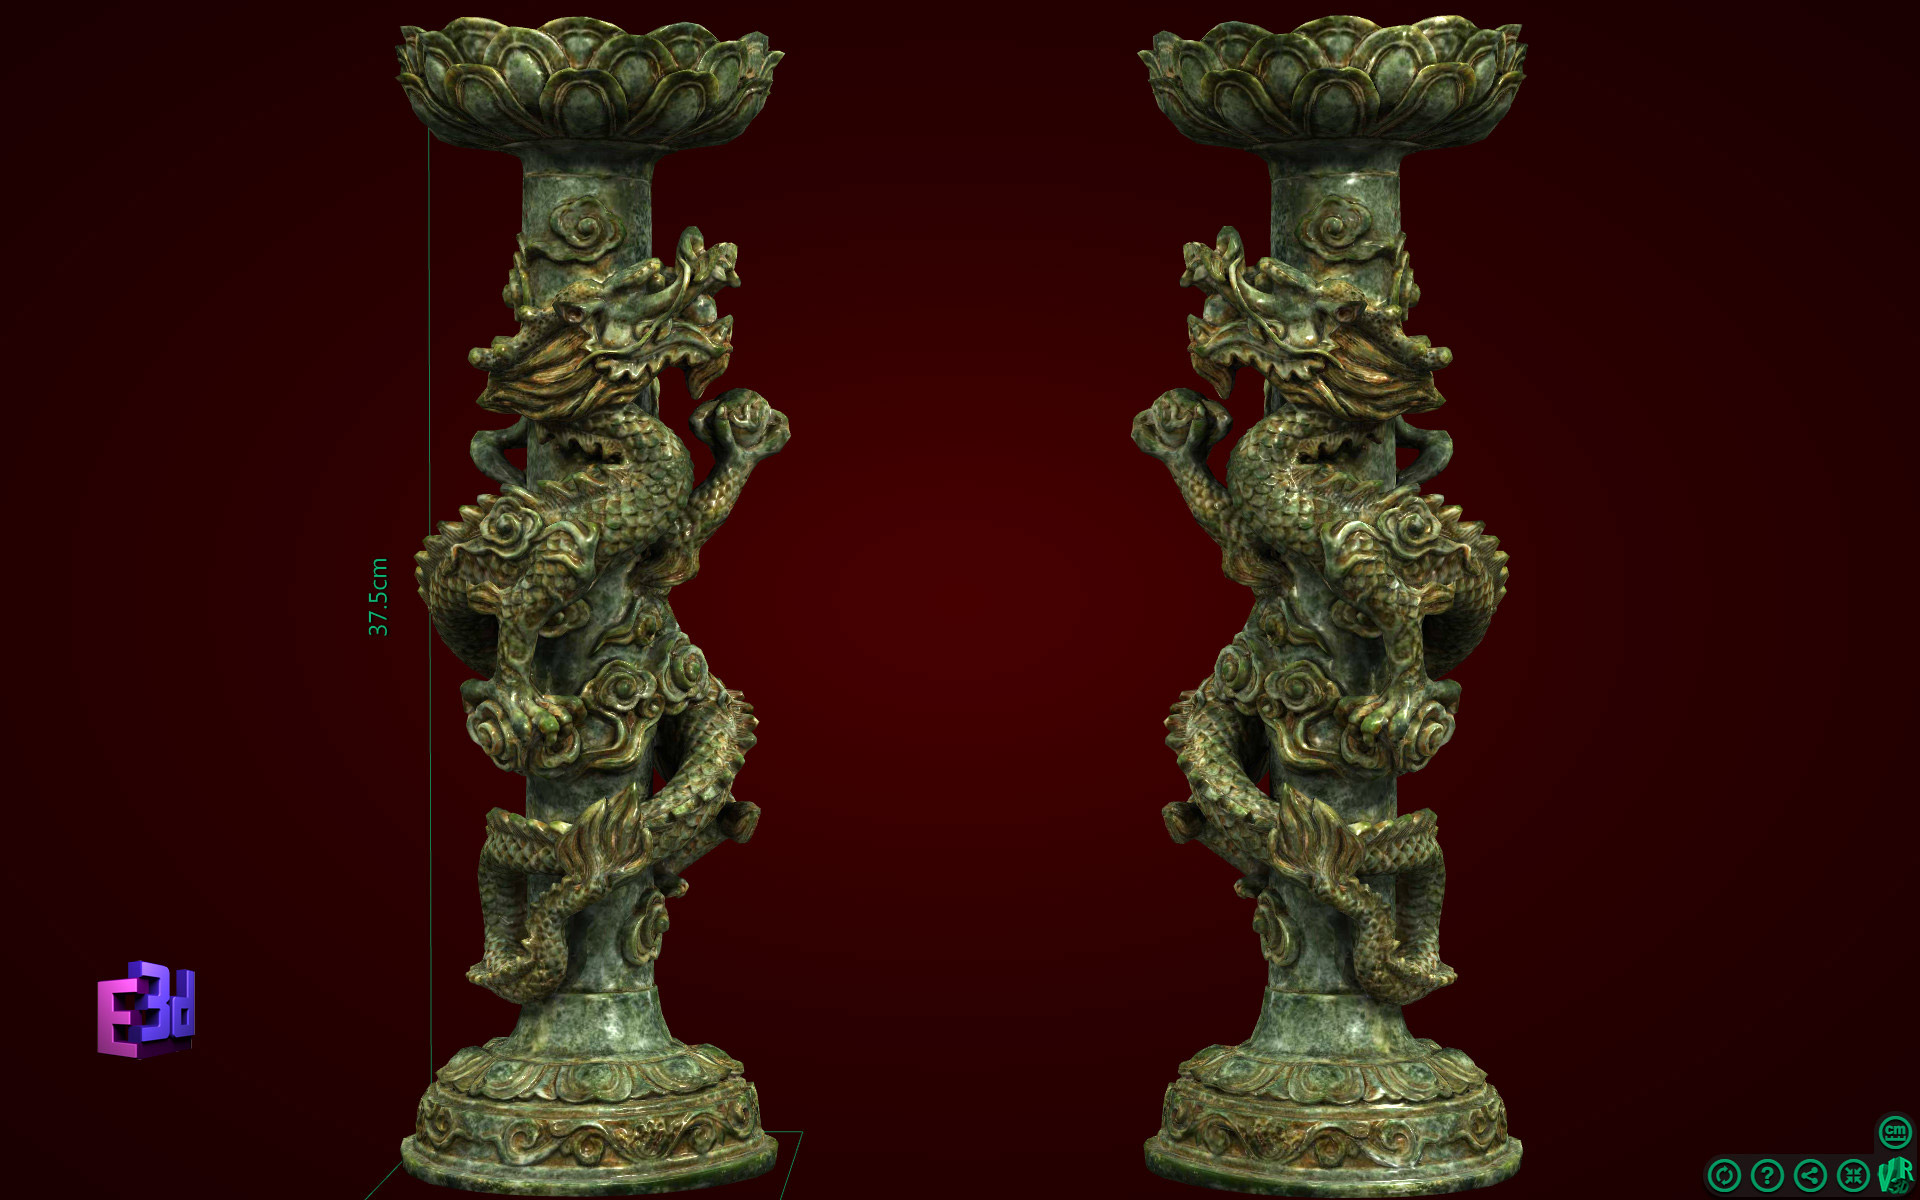 Đồ trang trí bàn thờ - Đôi chân nến